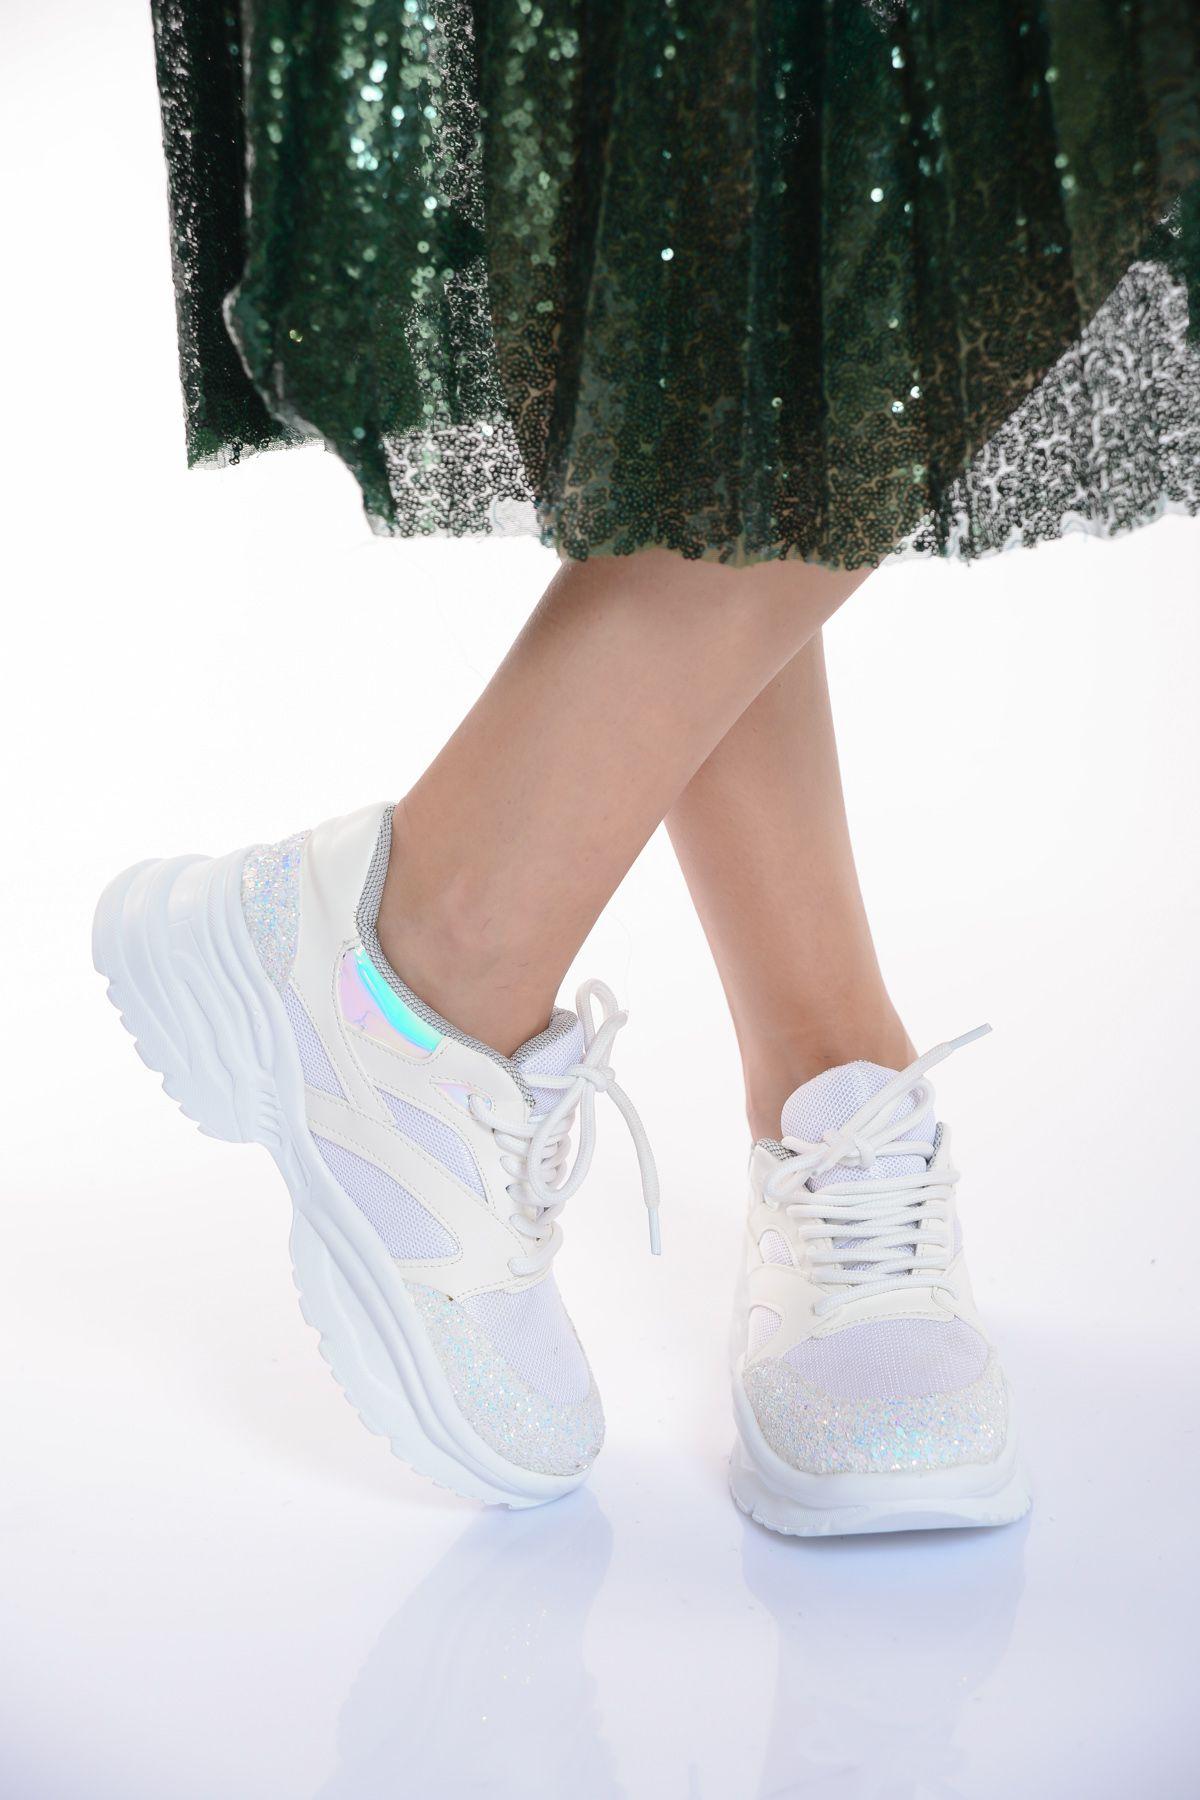 162ad470a5d50 Kadın Spor Ayakkabı Modelleri, Fiyatları, Aynı Gün Kargo - Shoes Time